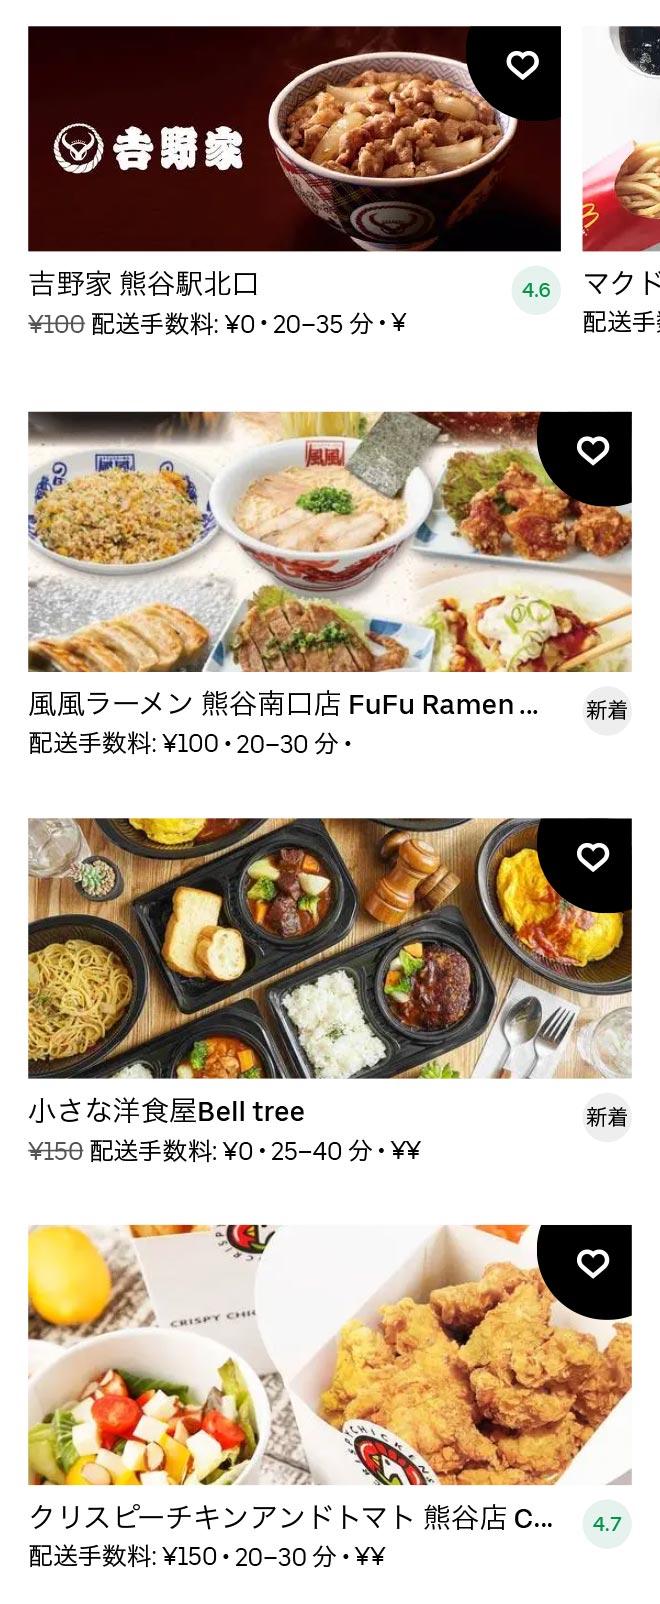 Kumagaya menu 2101 02